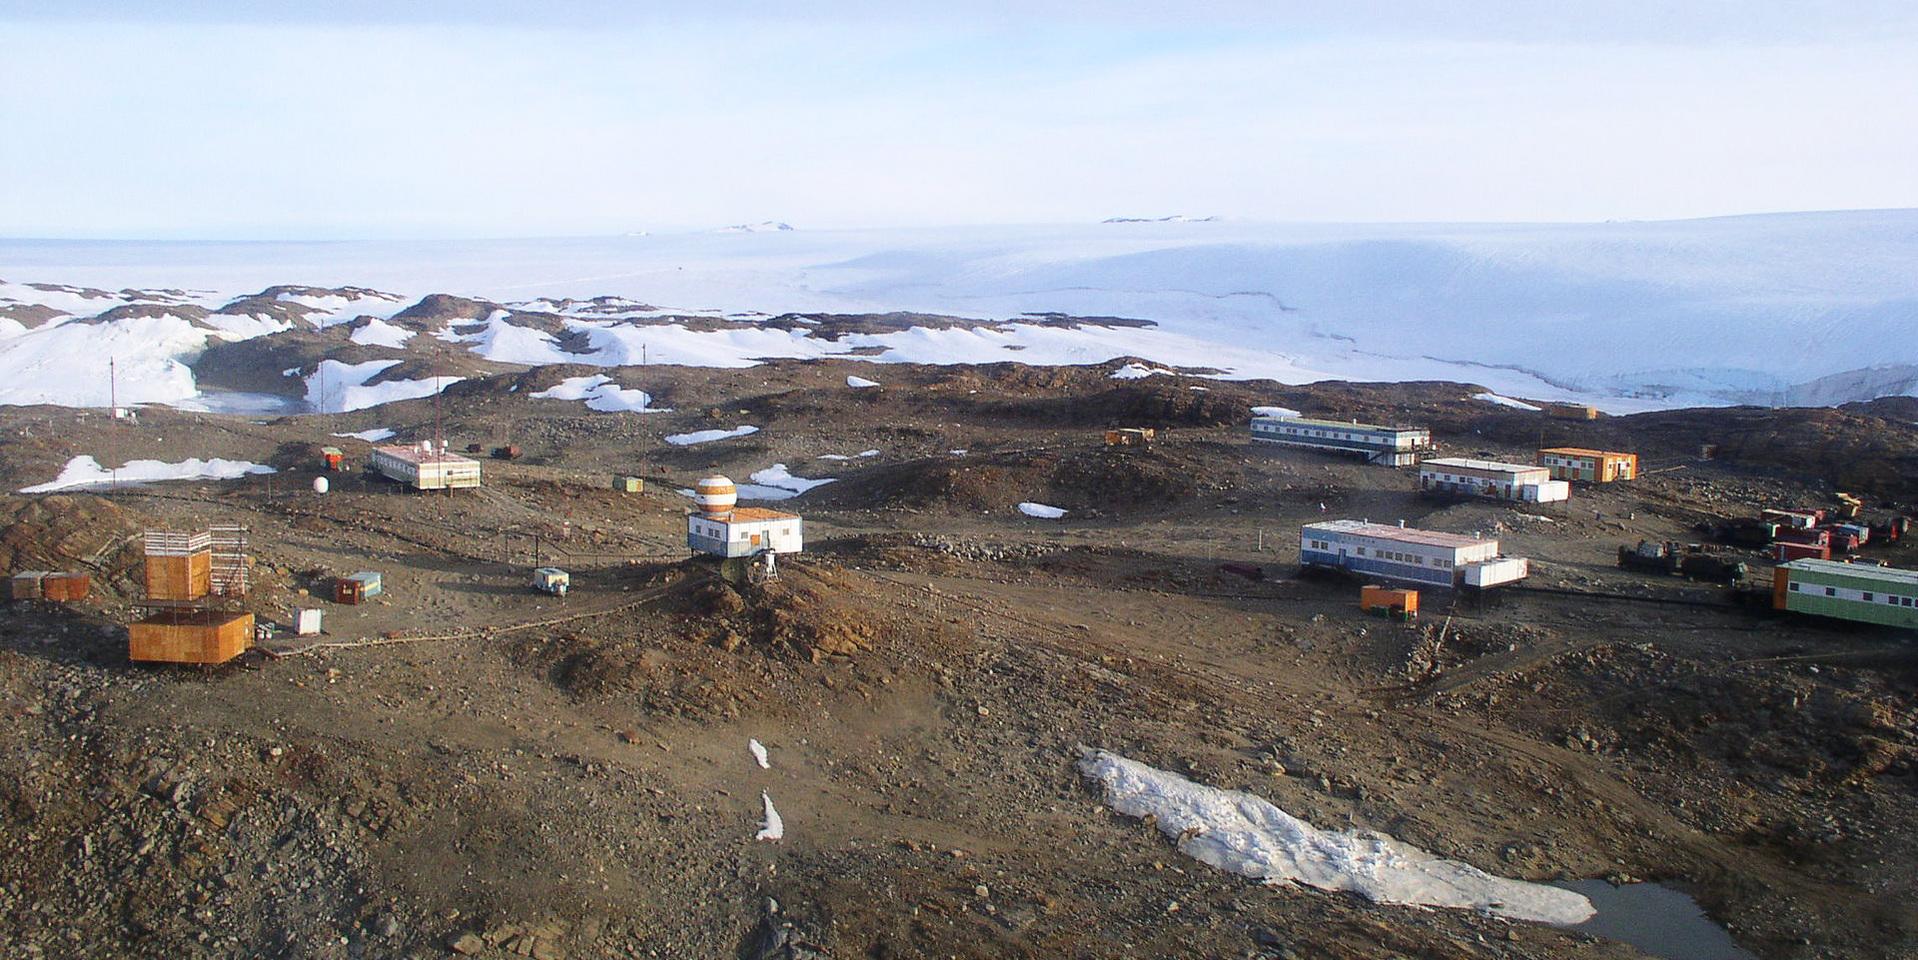 Россия расширяет наземную базу ГЛОНАСС в Антарктике